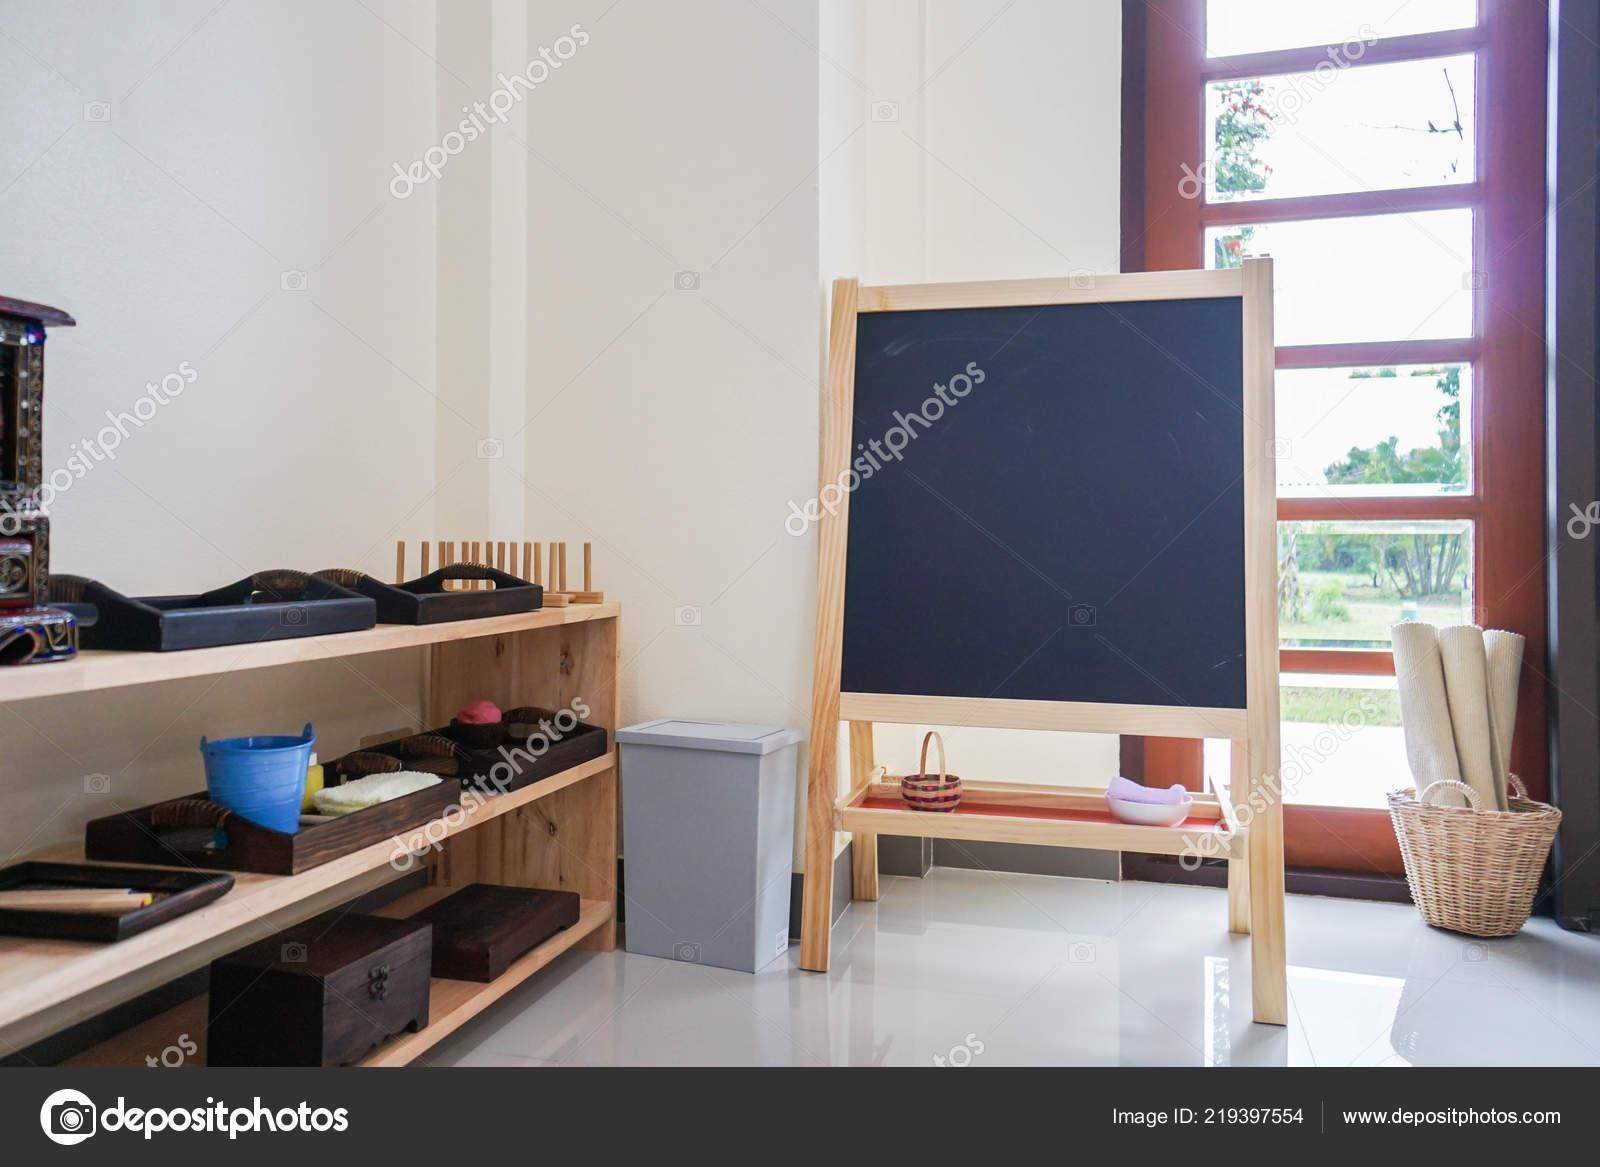 Wandtafel Für Kinder Bildung Mit Spielsachen Kinderzimmer ...